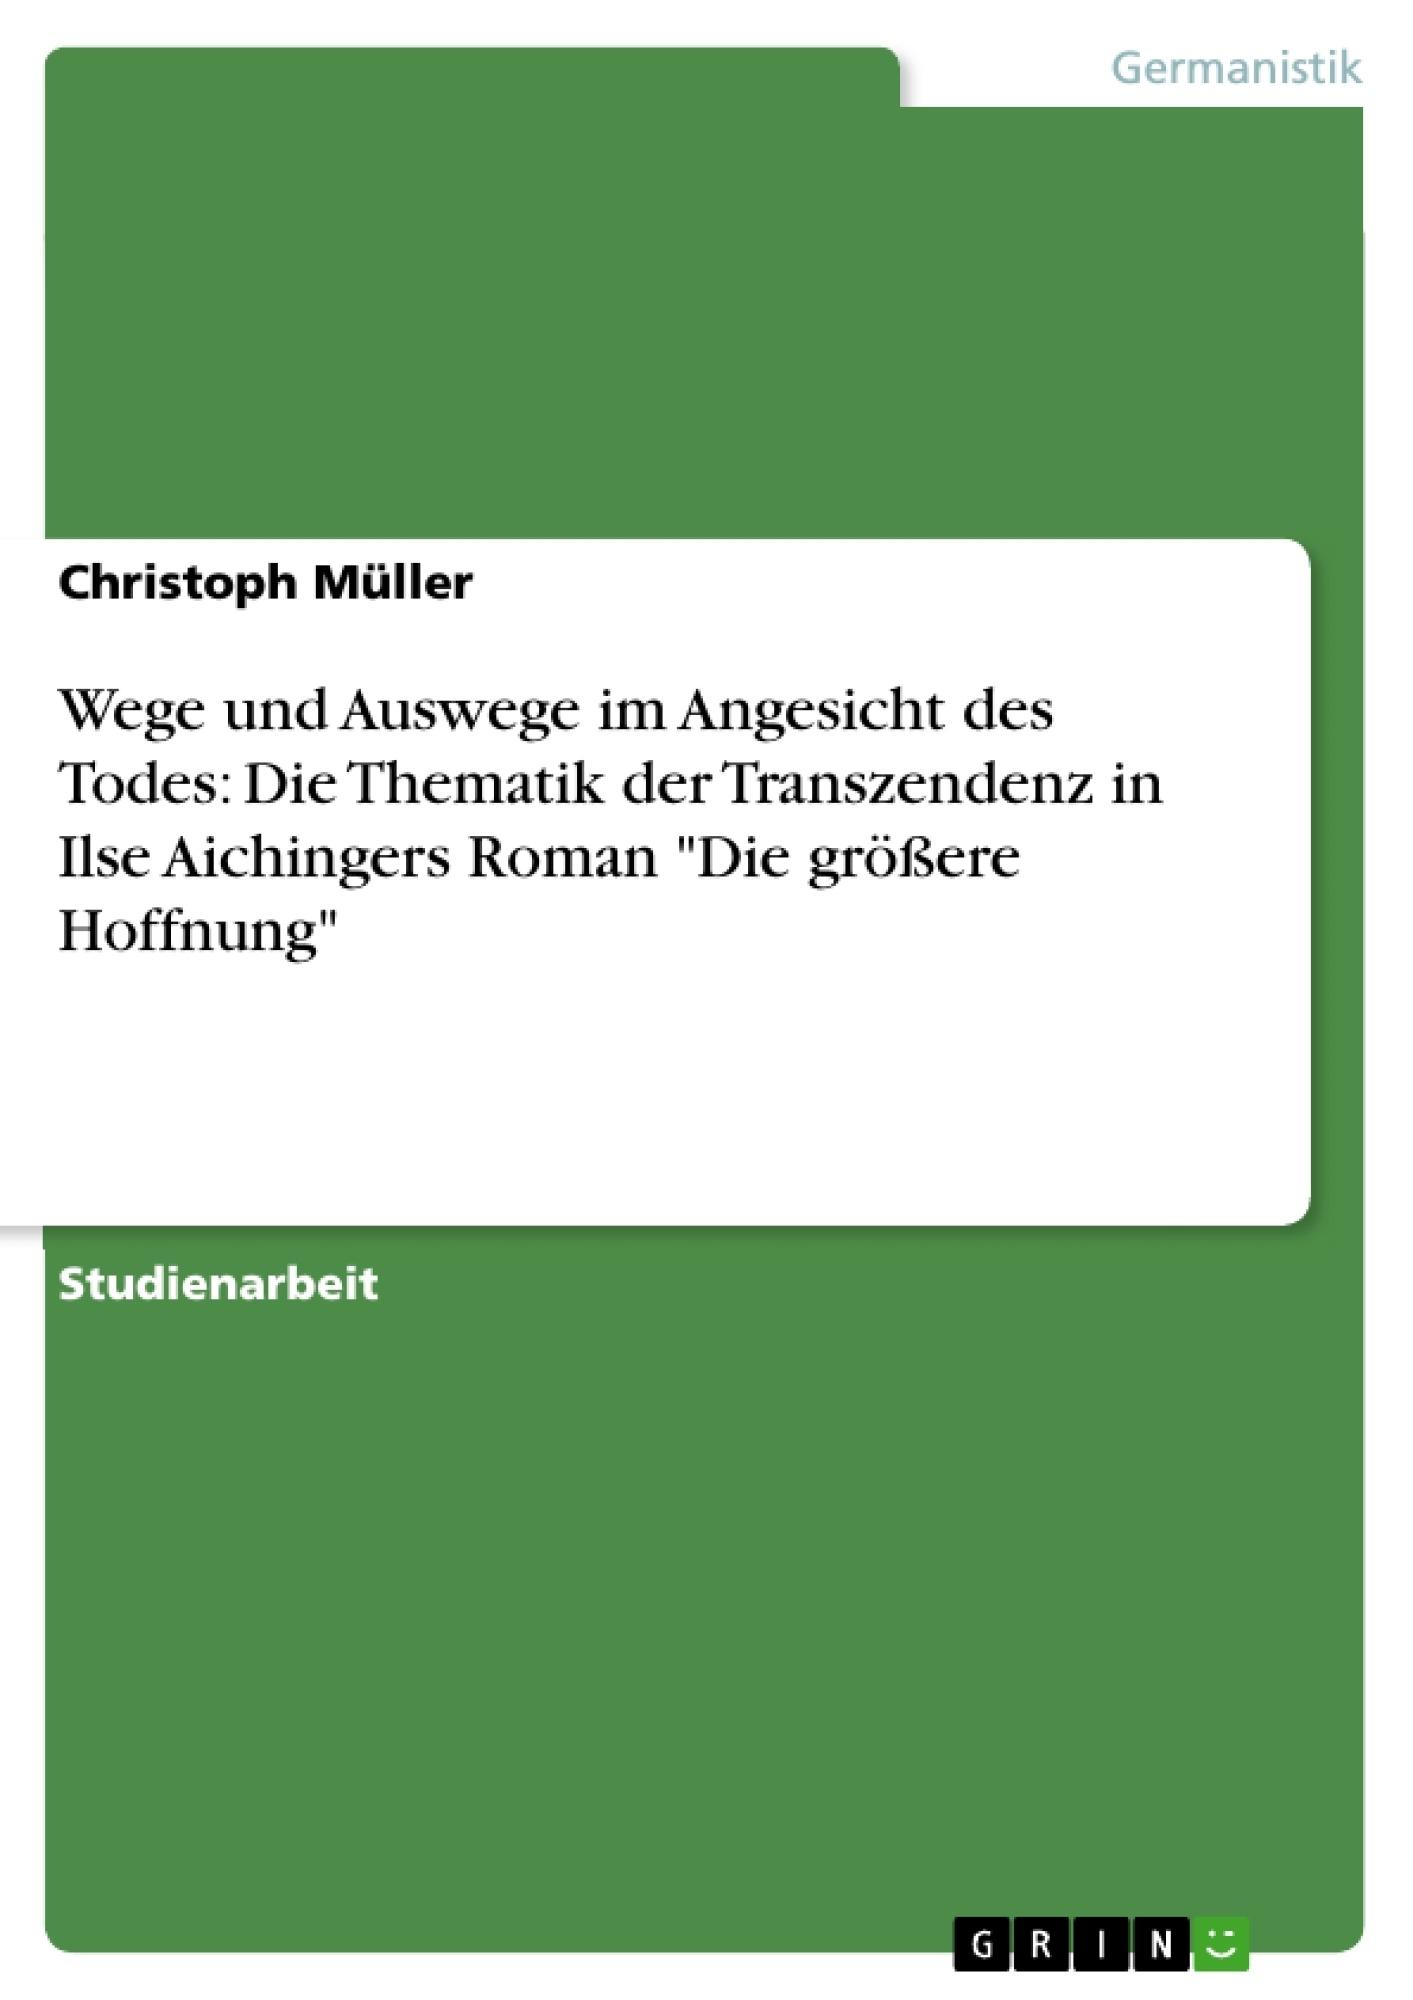 """Titel: Wege und Auswege im Angesicht des Todes: Die Thematik der Transzendenz in Ilse Aichingers Roman """"Die größere Hoffnung"""""""